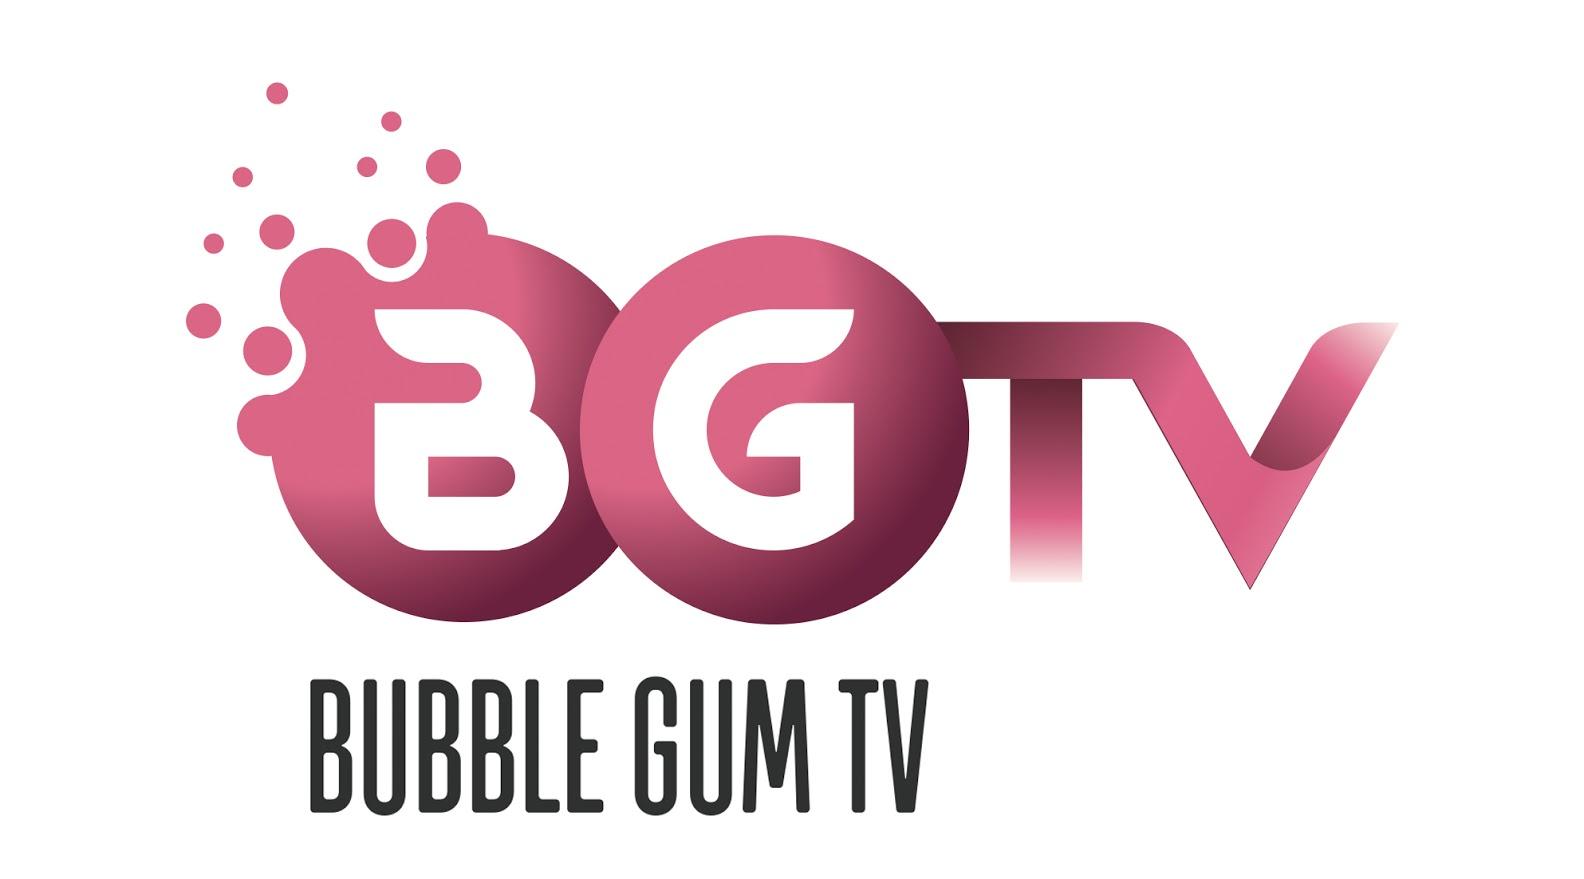 Bubble Gum TV